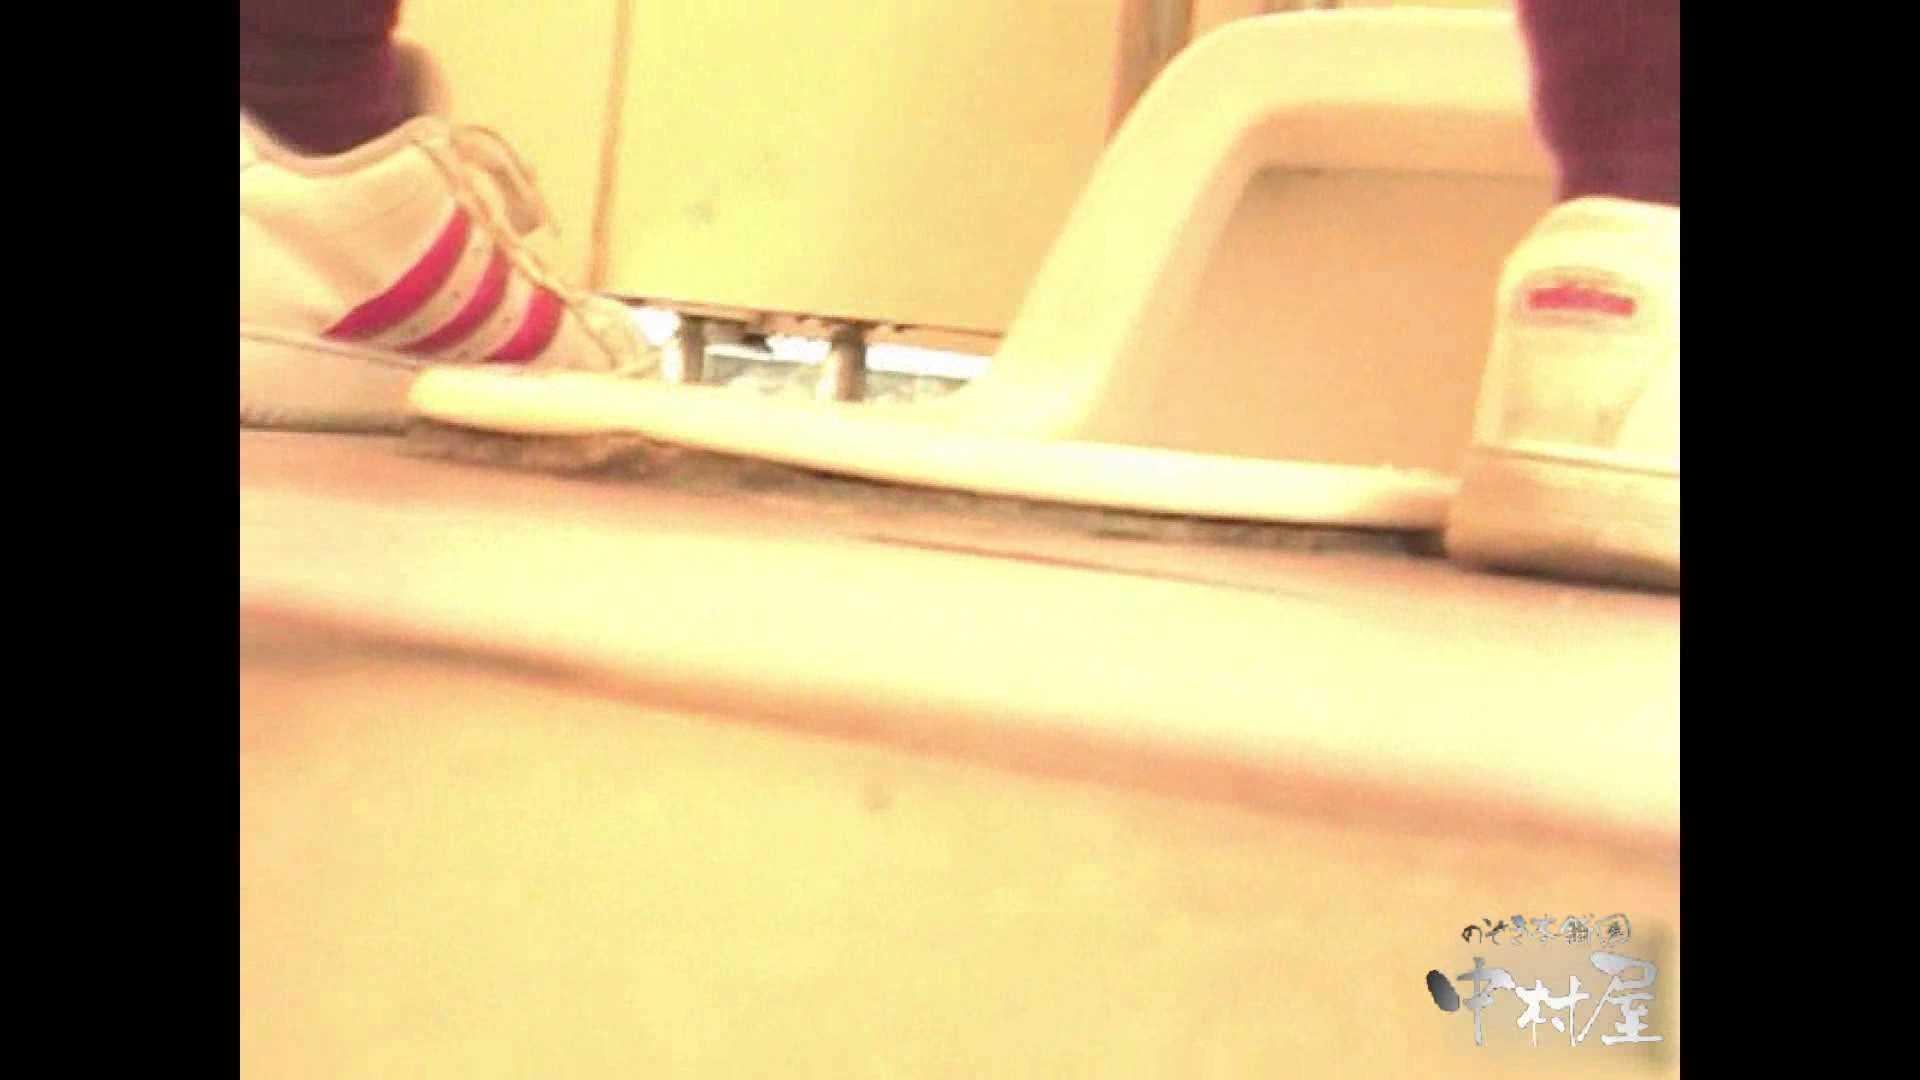 岩手県在住盗撮師盗撮記録vol.02 無修正マンコ ぱこり動画紹介 79連発 12